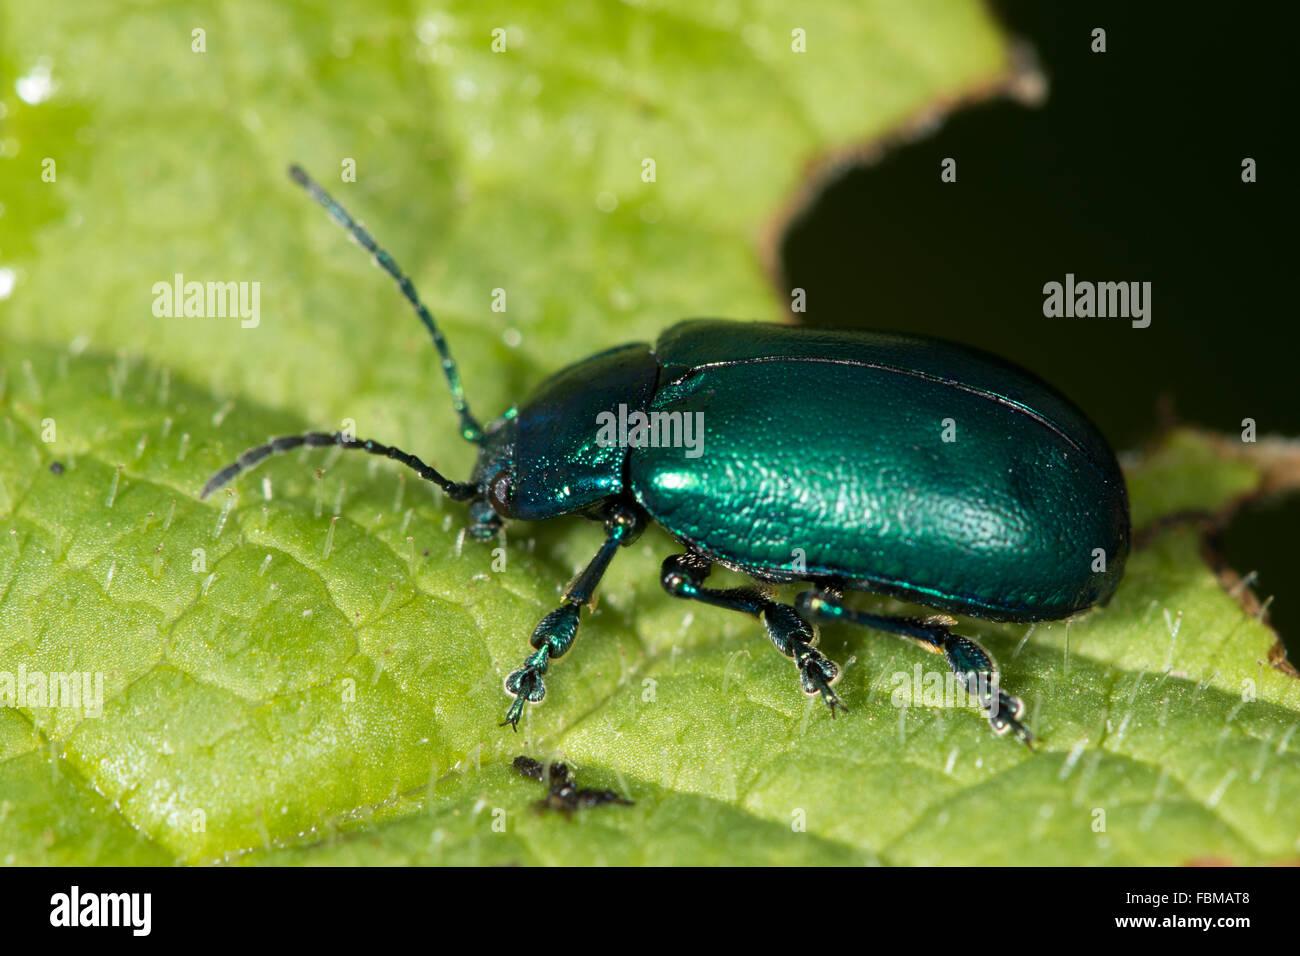 Irisierende grüner Käfer (Altica SP.) auf einem Blatt Stockfoto